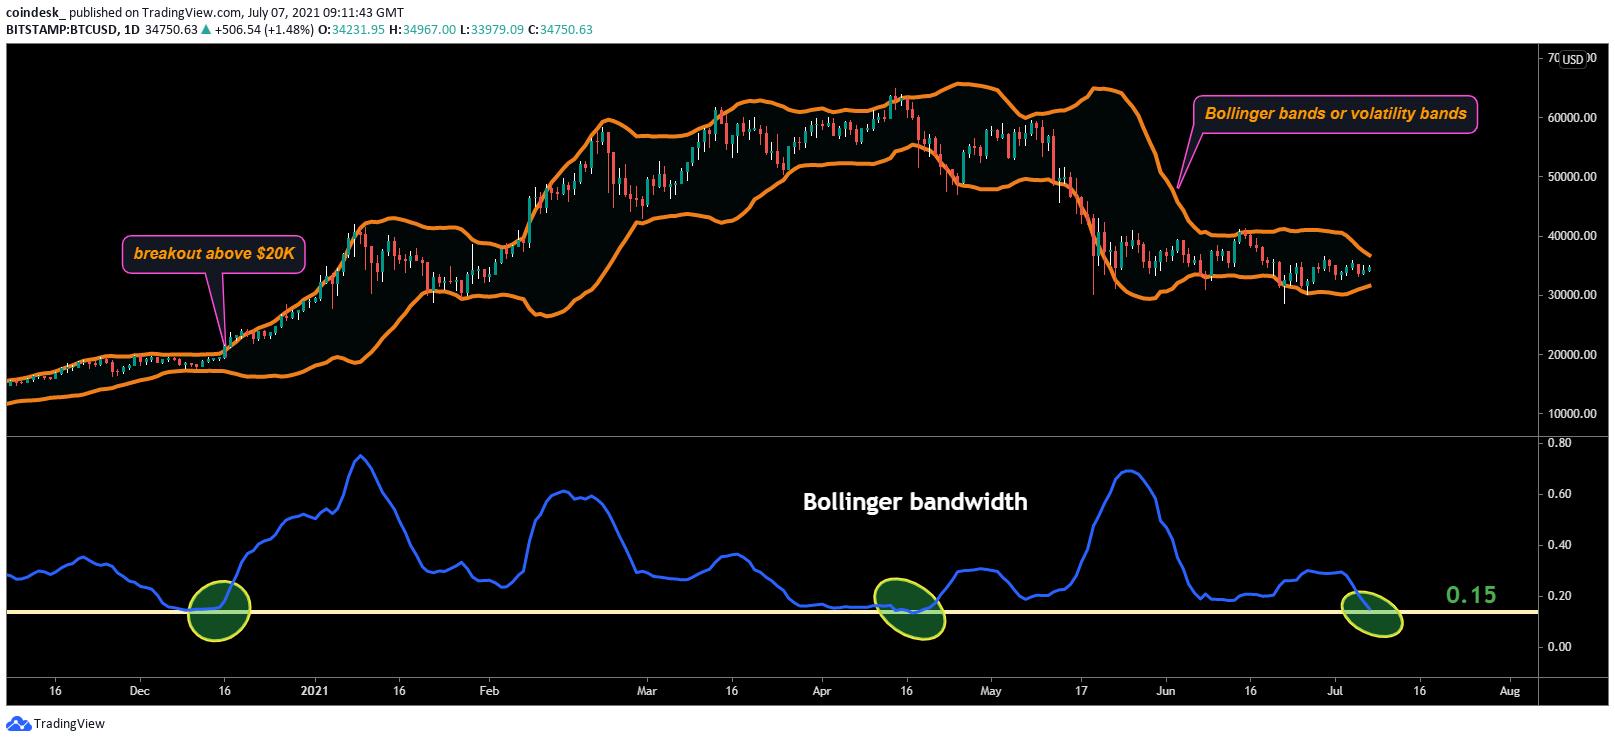 La consolidación de precios de Bitcoin puede estar acercándose al final, sugiere el indicador